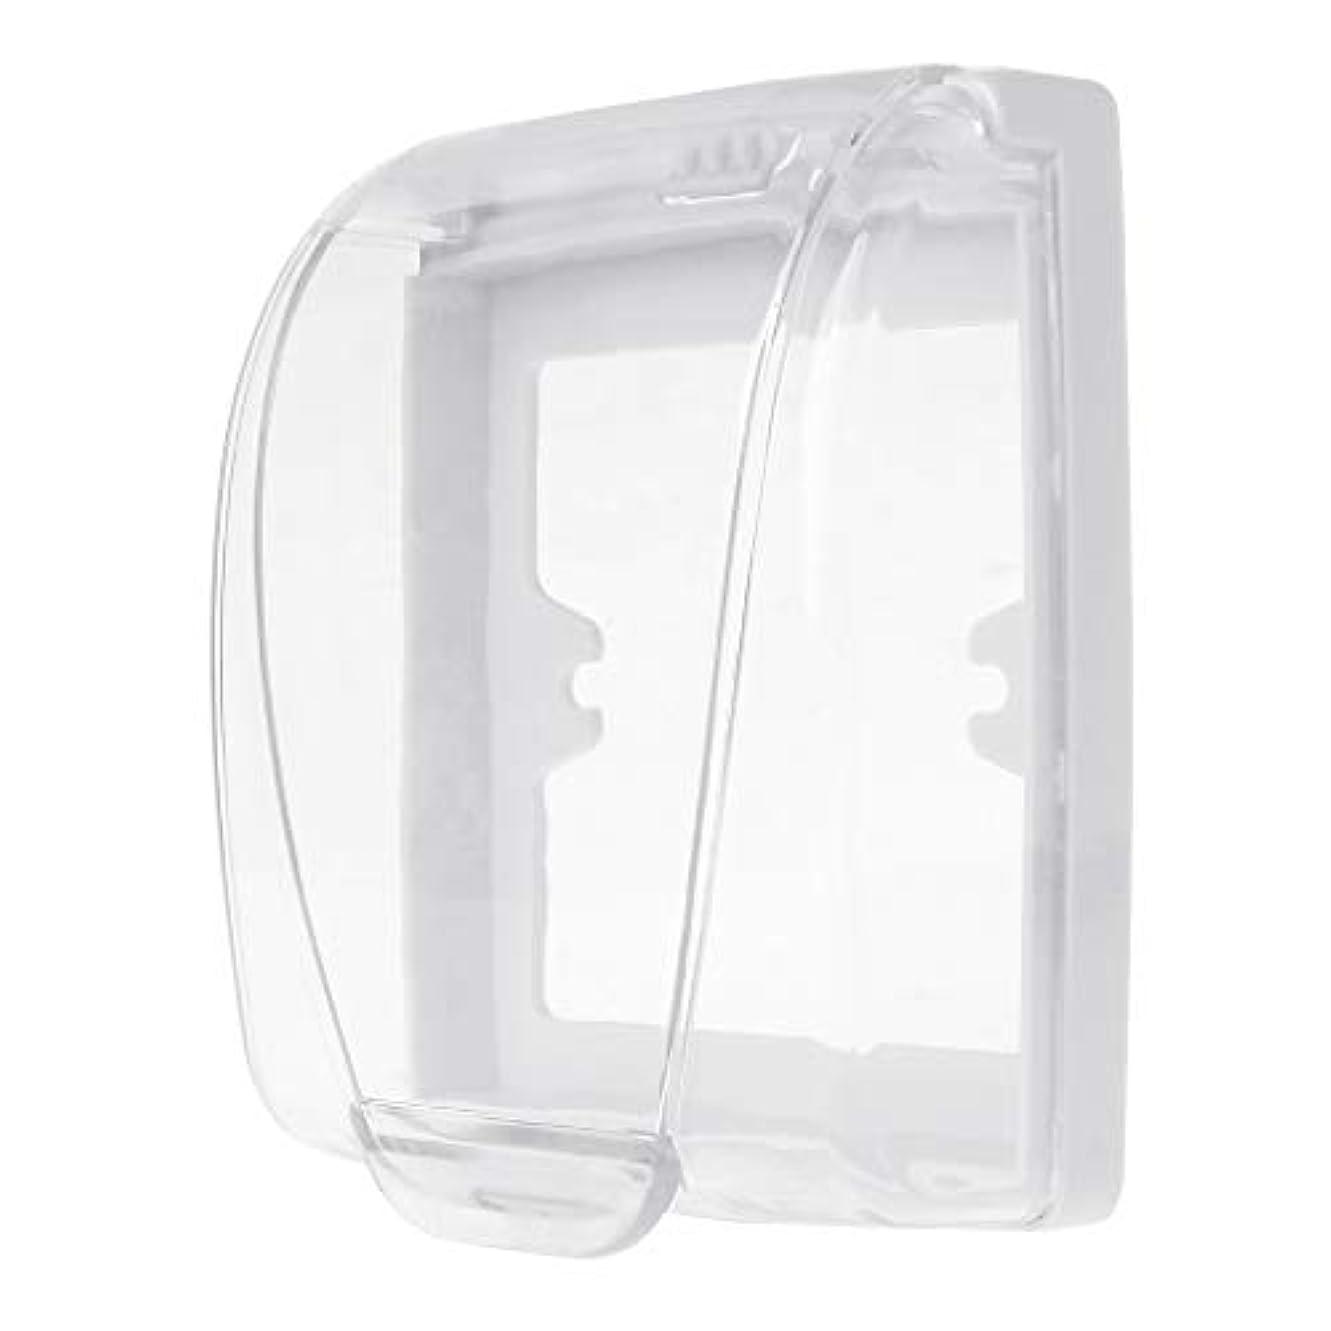 放課後支店無線Lamdooプラスチック壁防水カバーボックス壁ライトパネルソケットドアベルフリップキャップカバークリア浴室キッチンアクセサリー